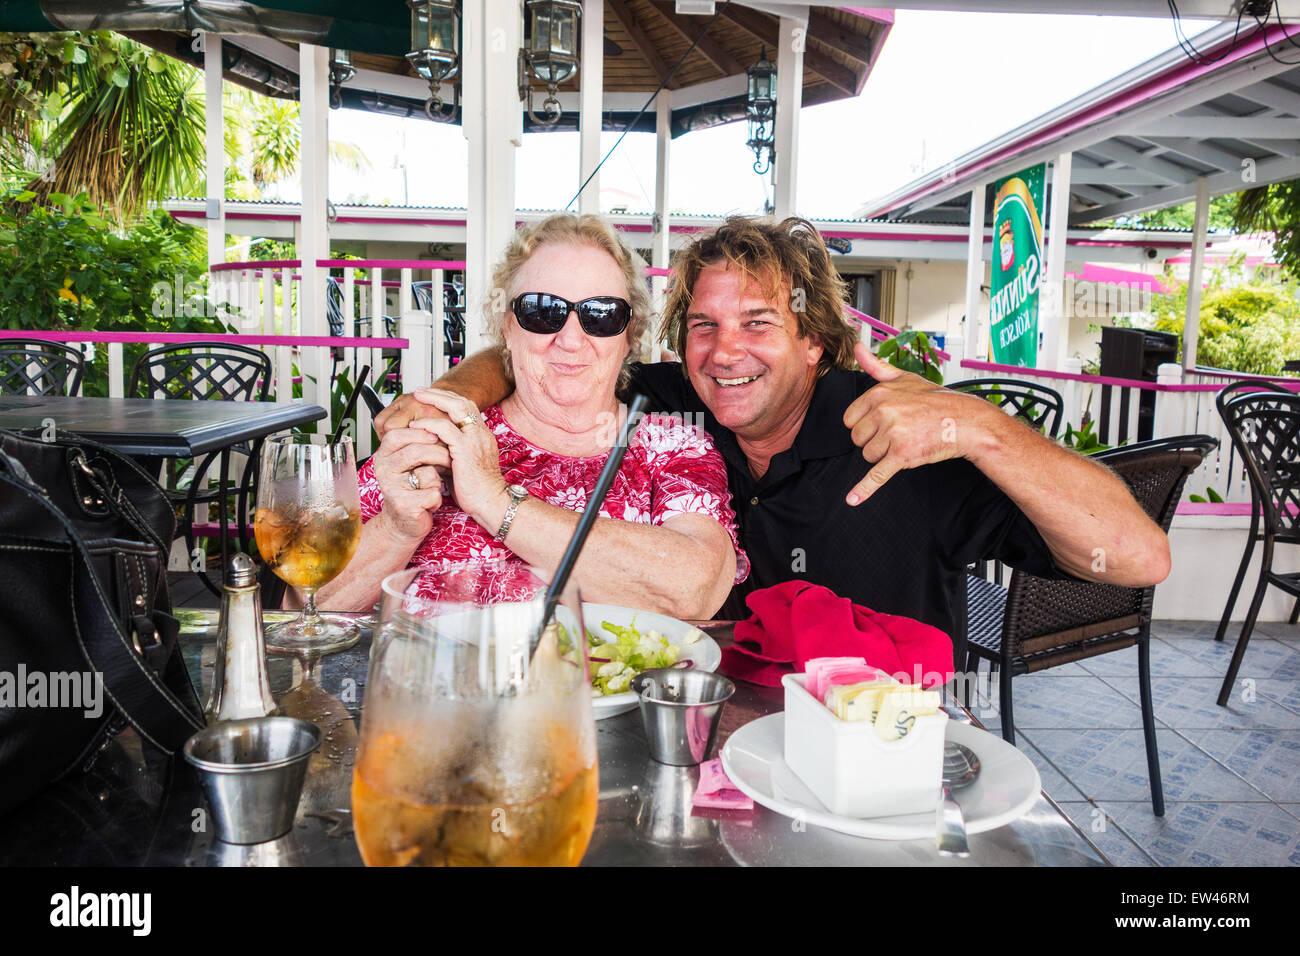 Una mujer caucásica de 78 años es embarrassed por el abrazo de un extraño en el patio de una cafetería Imagen De Stock